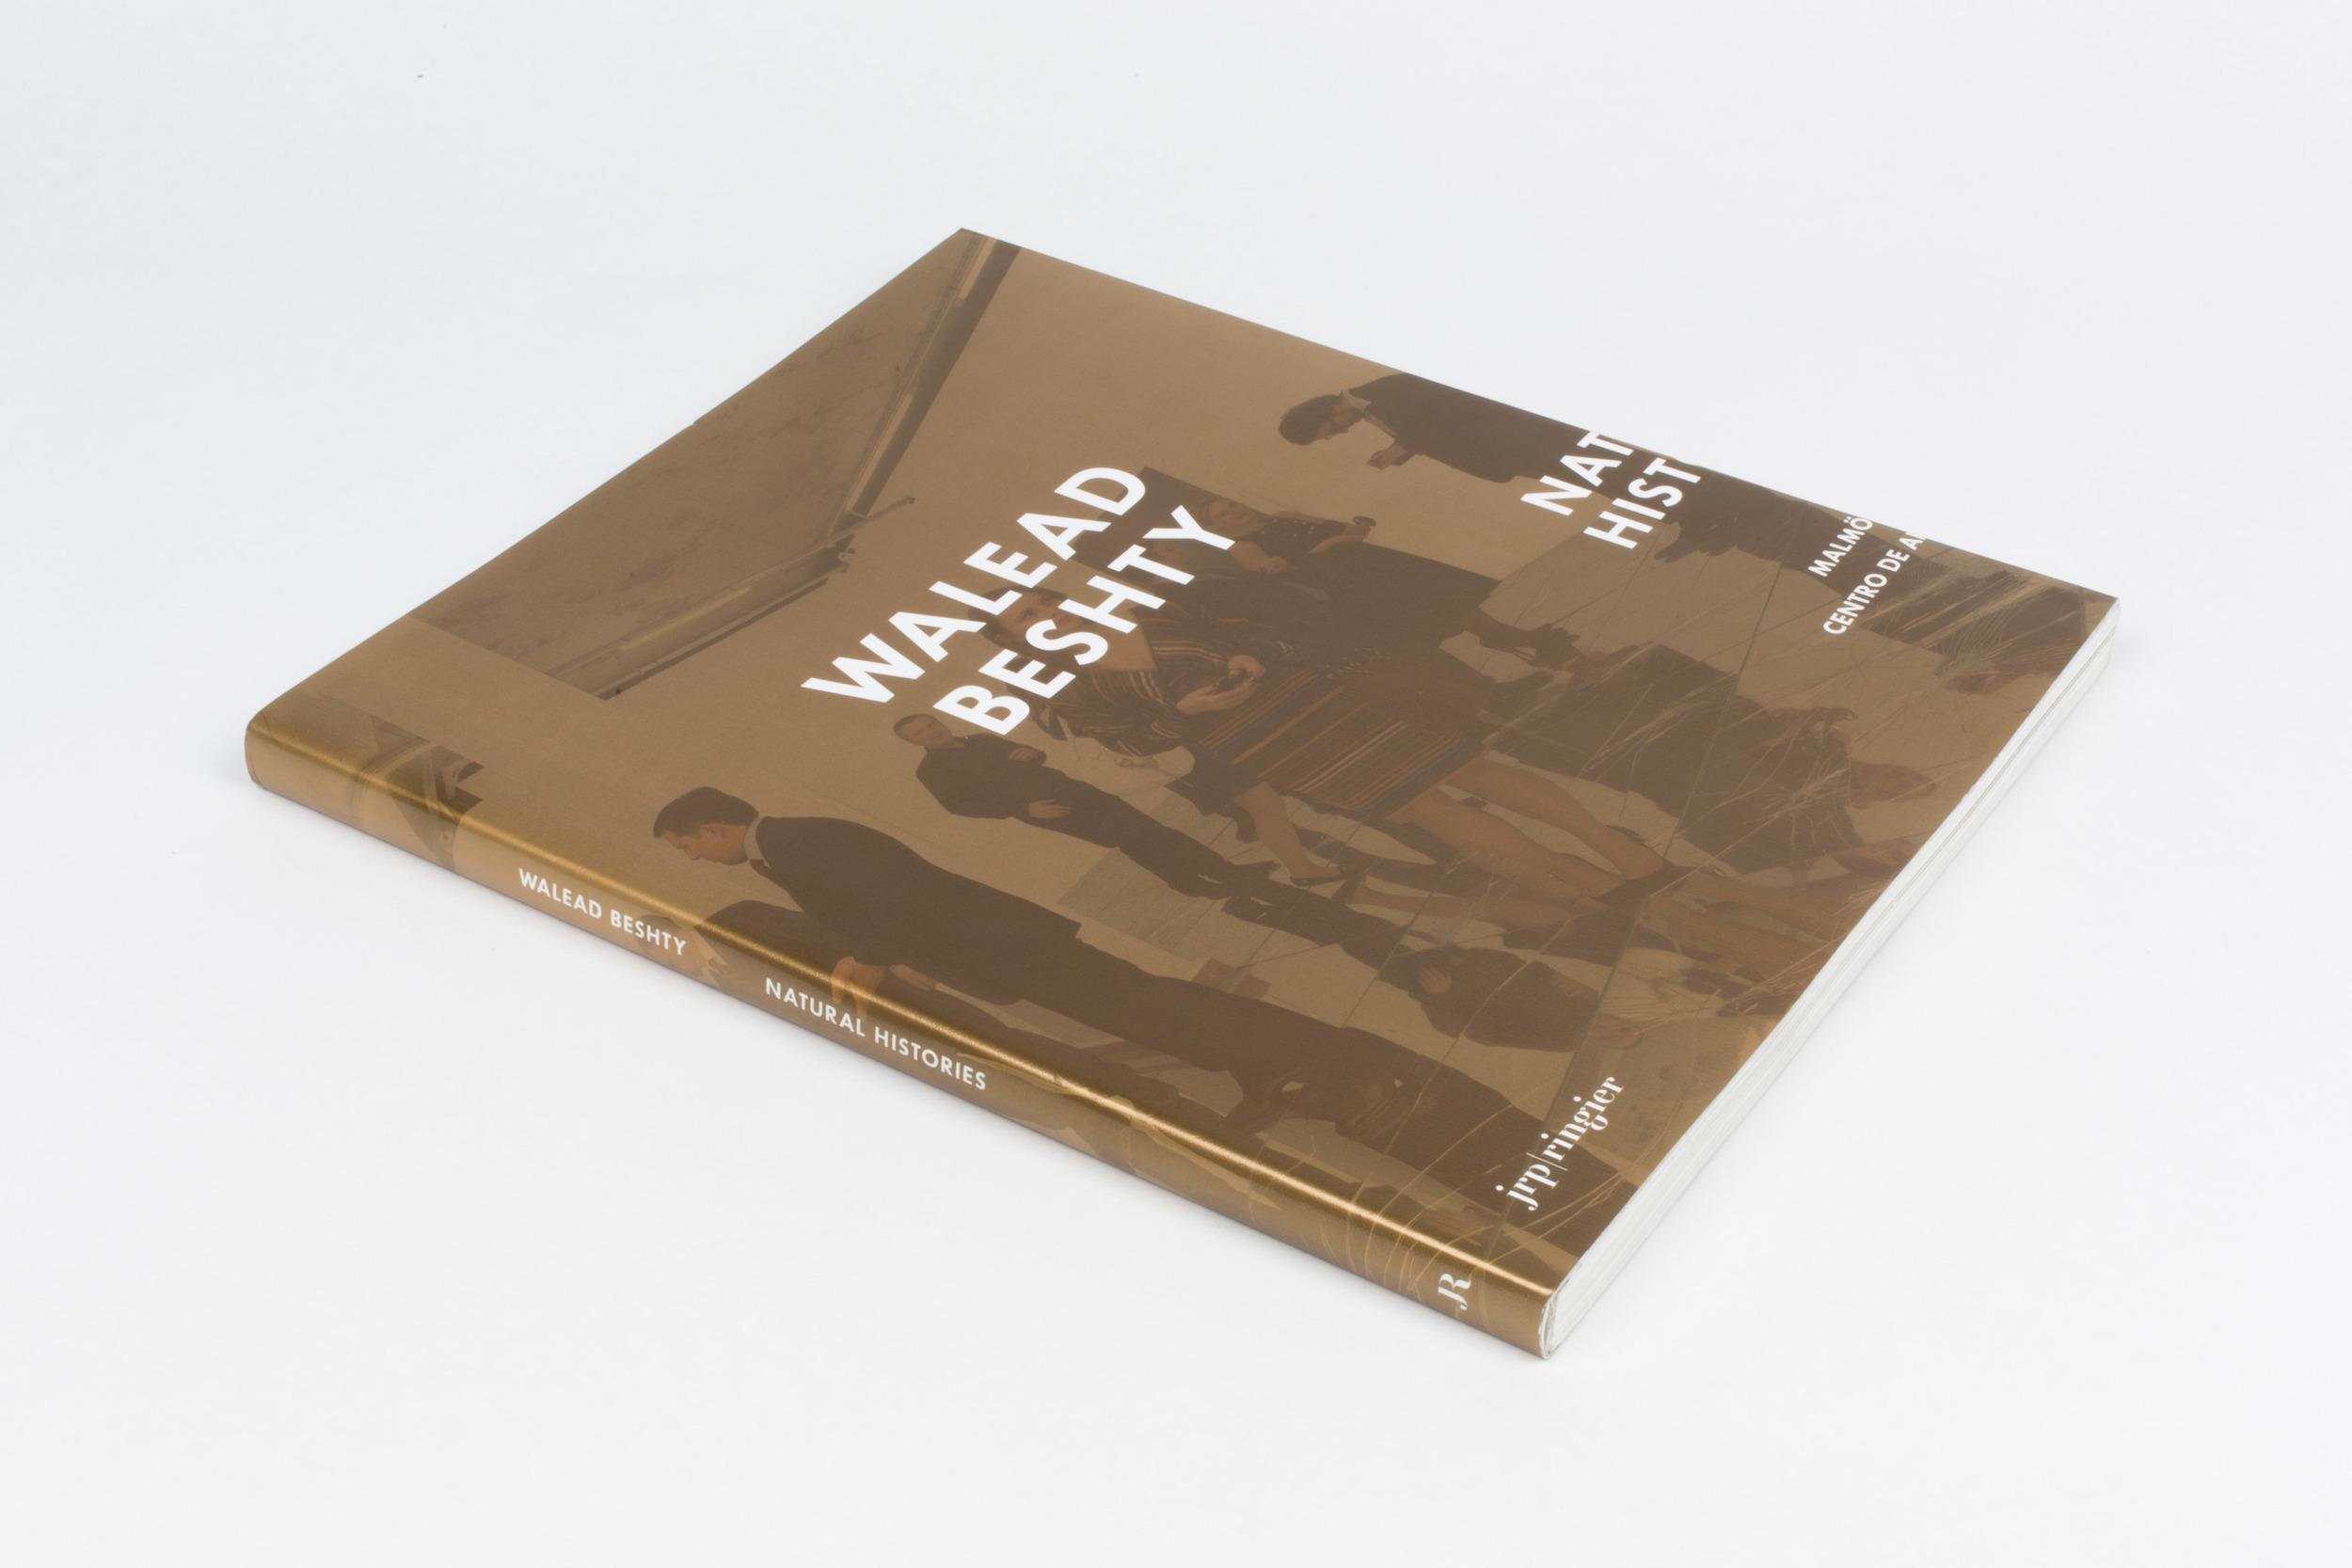 Walead Beshty: Natural Histories,  Zurich, Switzerland: JRP Ringier, 2011).